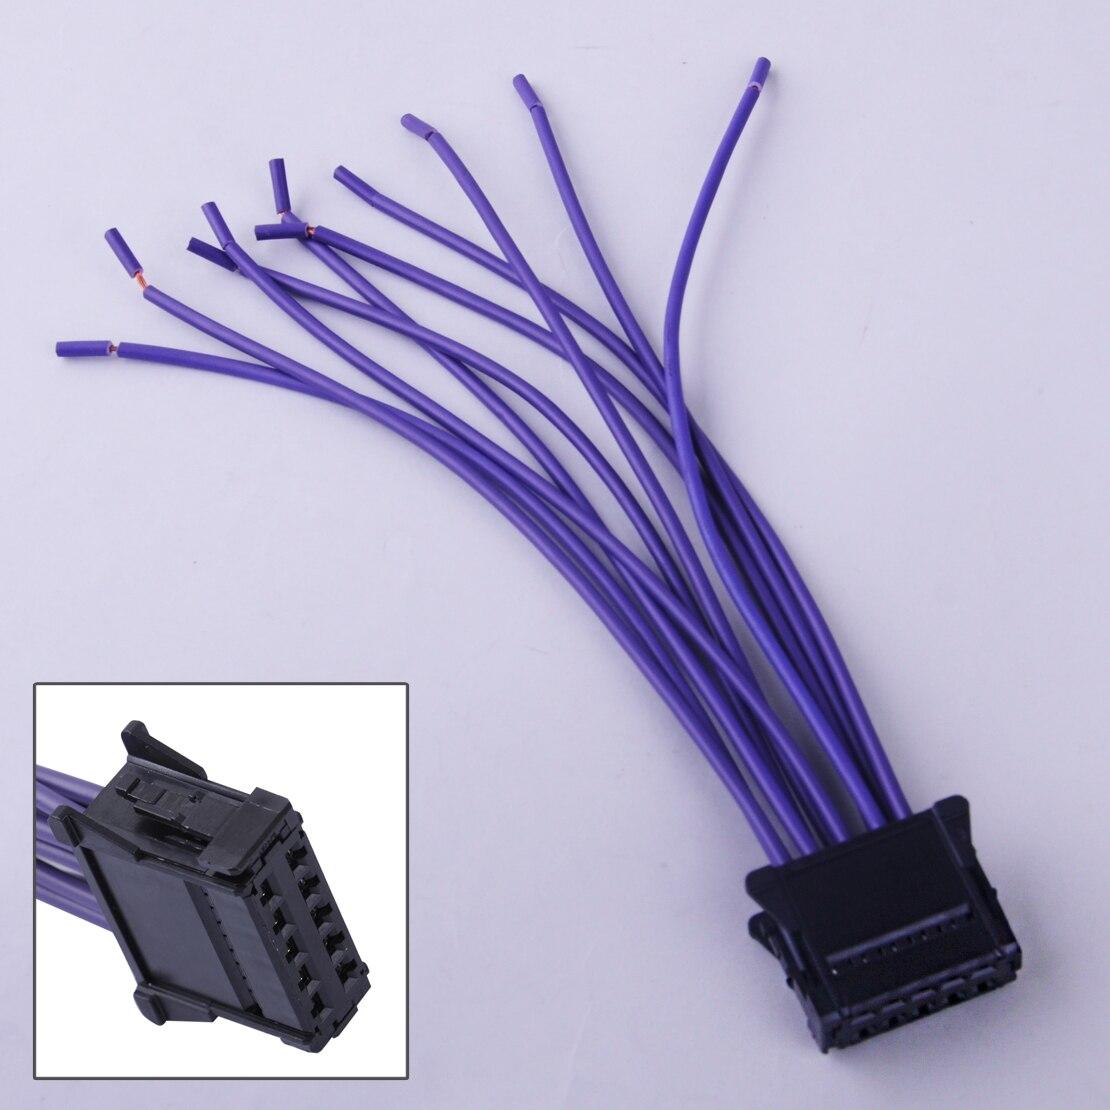 Beler Heater Blower Resistor Wiring Loom Harness Repair Fit For Renault Megane Grand Scenic Mk2